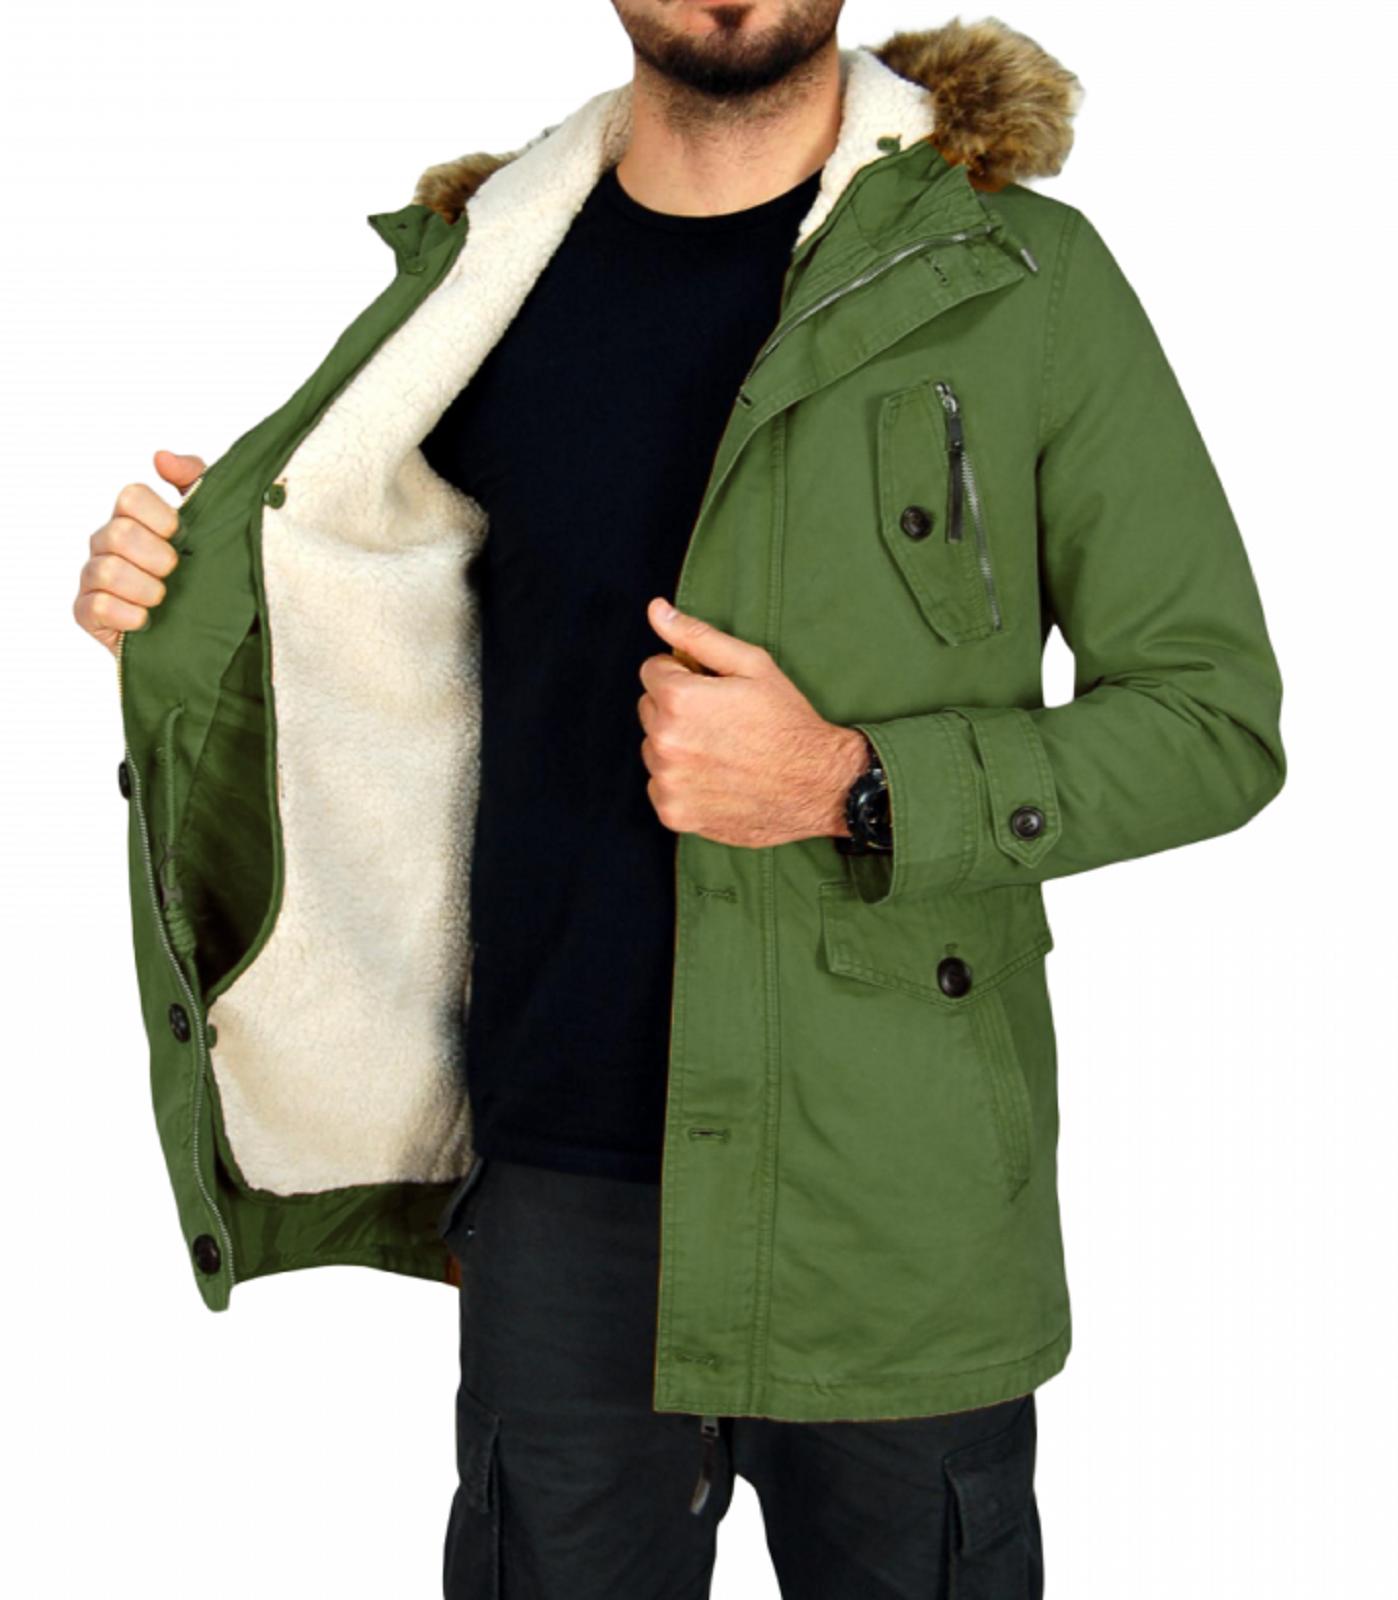 Giubbotto-Parka-Uomo-Invernale-Sfoderabile-pelliccia-cappuccio-lungo-verde miniatura 20